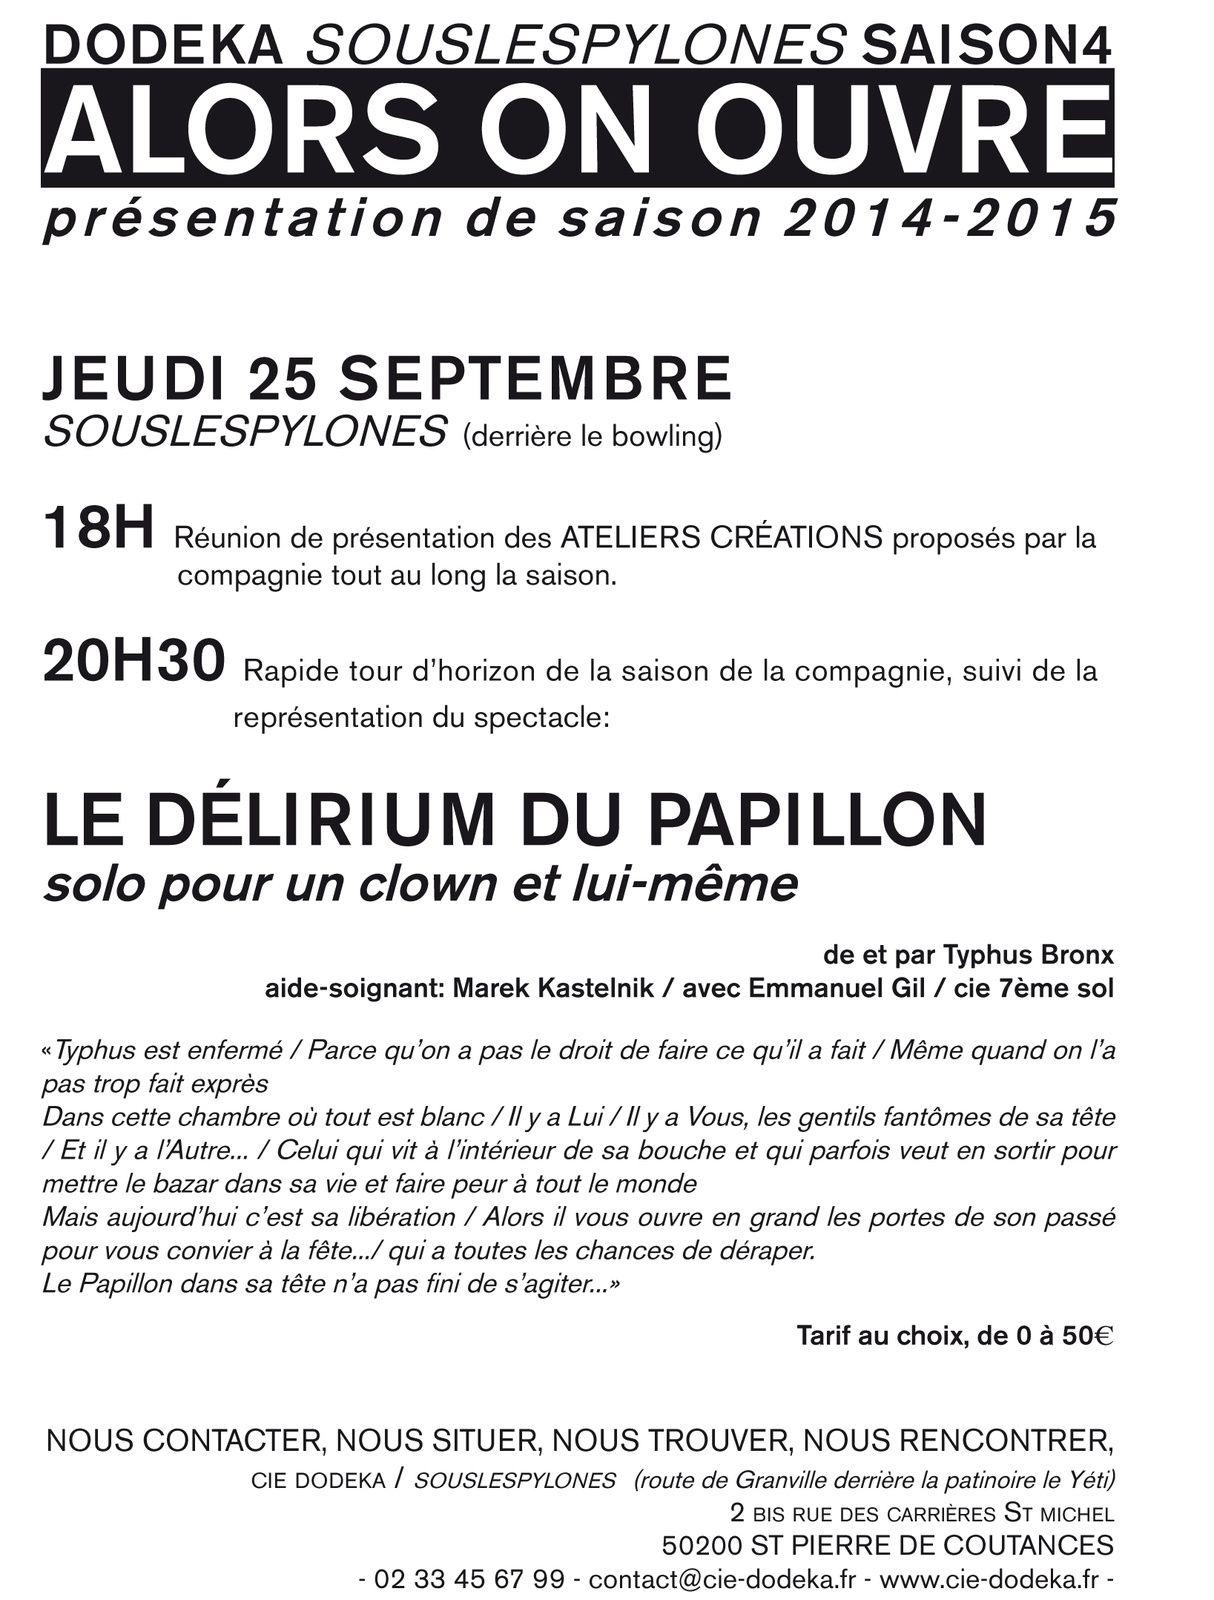 OUVERTURE DE LA SAISON #4 souslespylônes